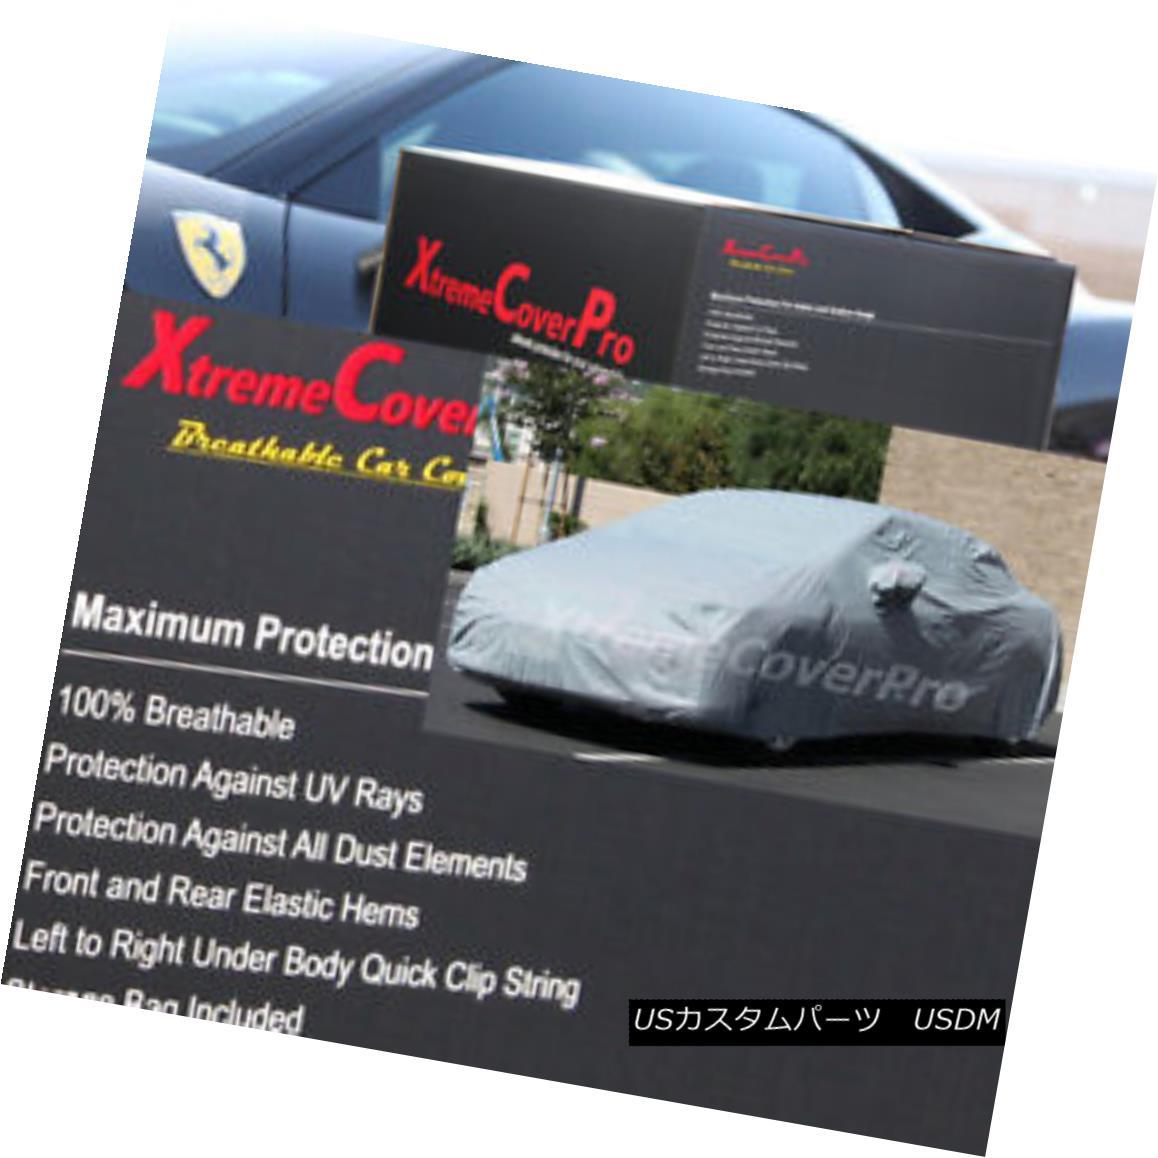 カーカバー 2006 2007 2008 2009 2010 Dodge Charger Breathable Car Cover w/MirrorPocket 2006年2007年2008年2009年2010年ダッジチャージャー通気性車カバー付きMirrorPocket